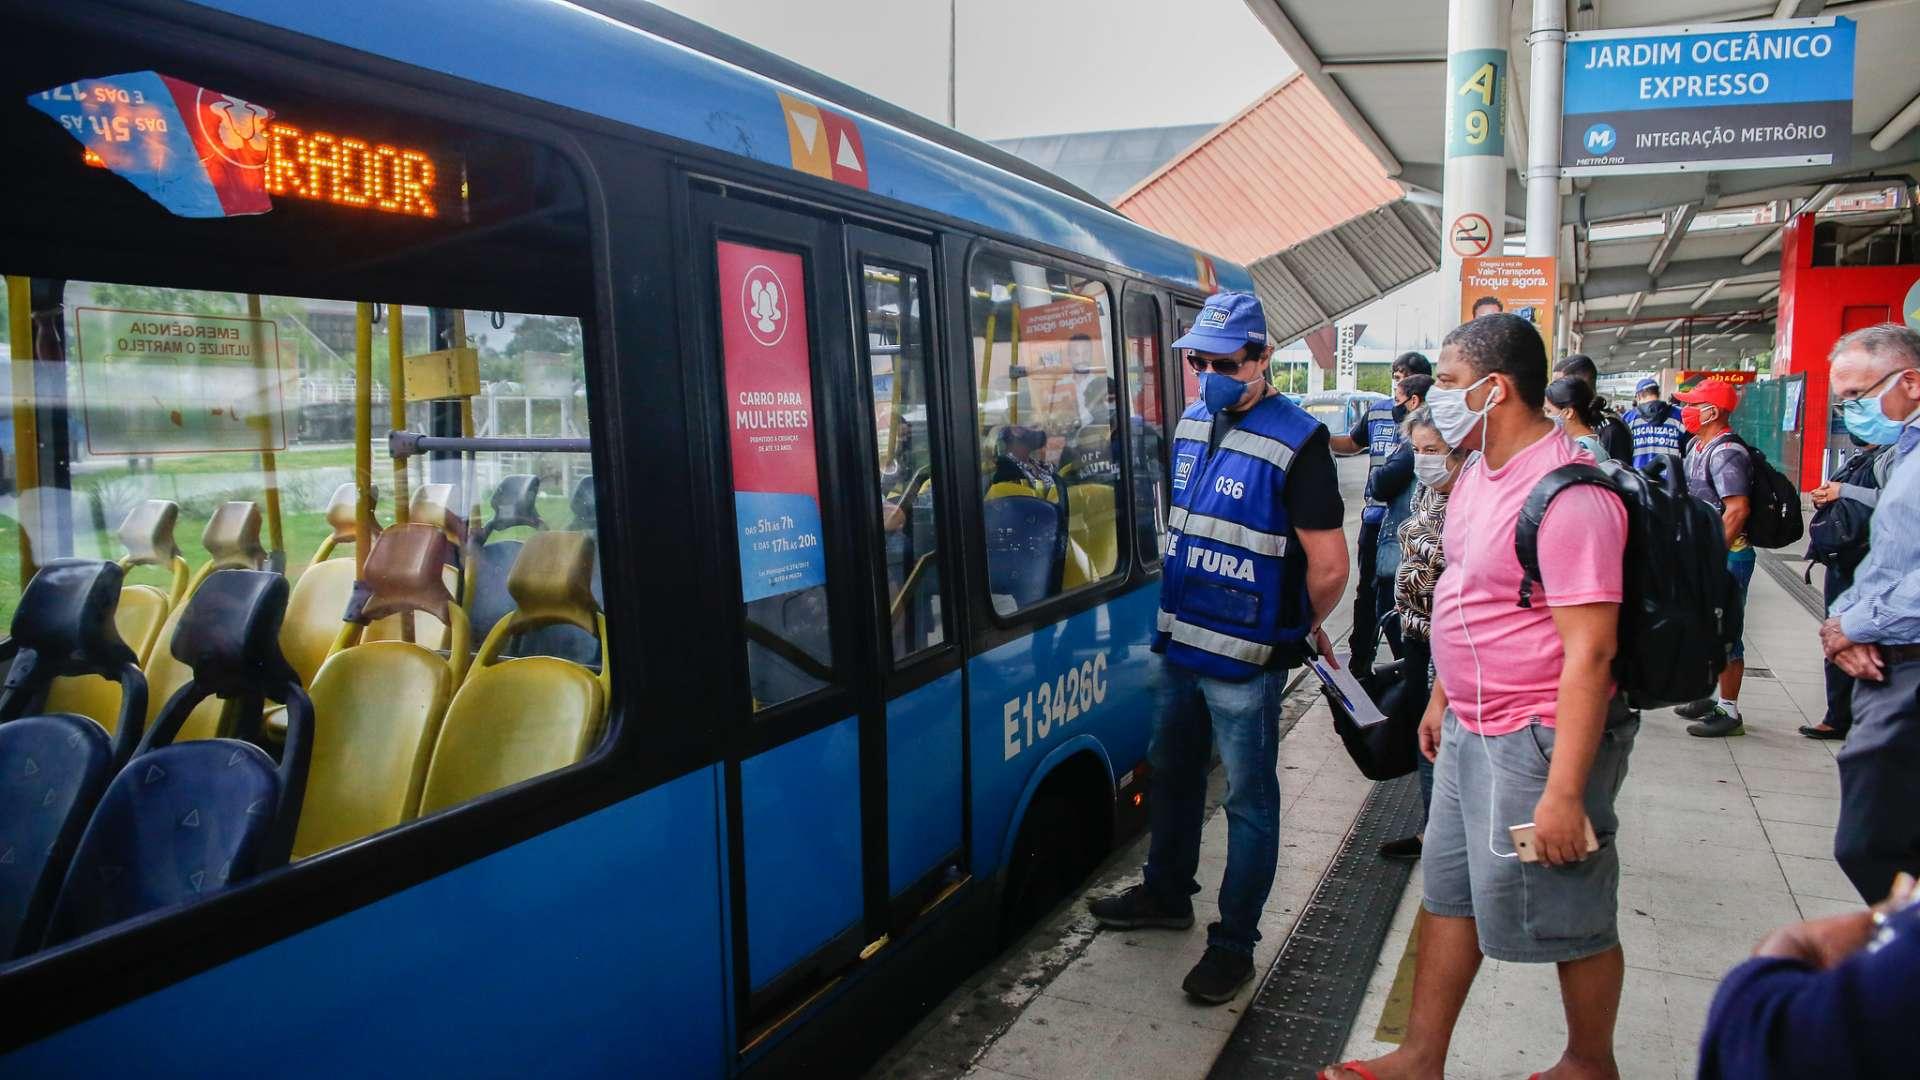 Fiscais da Prefeitura do Rio acompanham embarque em terminal do BRT: relatório aponta que sistema BRT tem apenas dois ônibus circulando para cada cinco que deveriam estar atendendo a população (Foto: Rhavinne Vaz/Prefeitura do Rio)